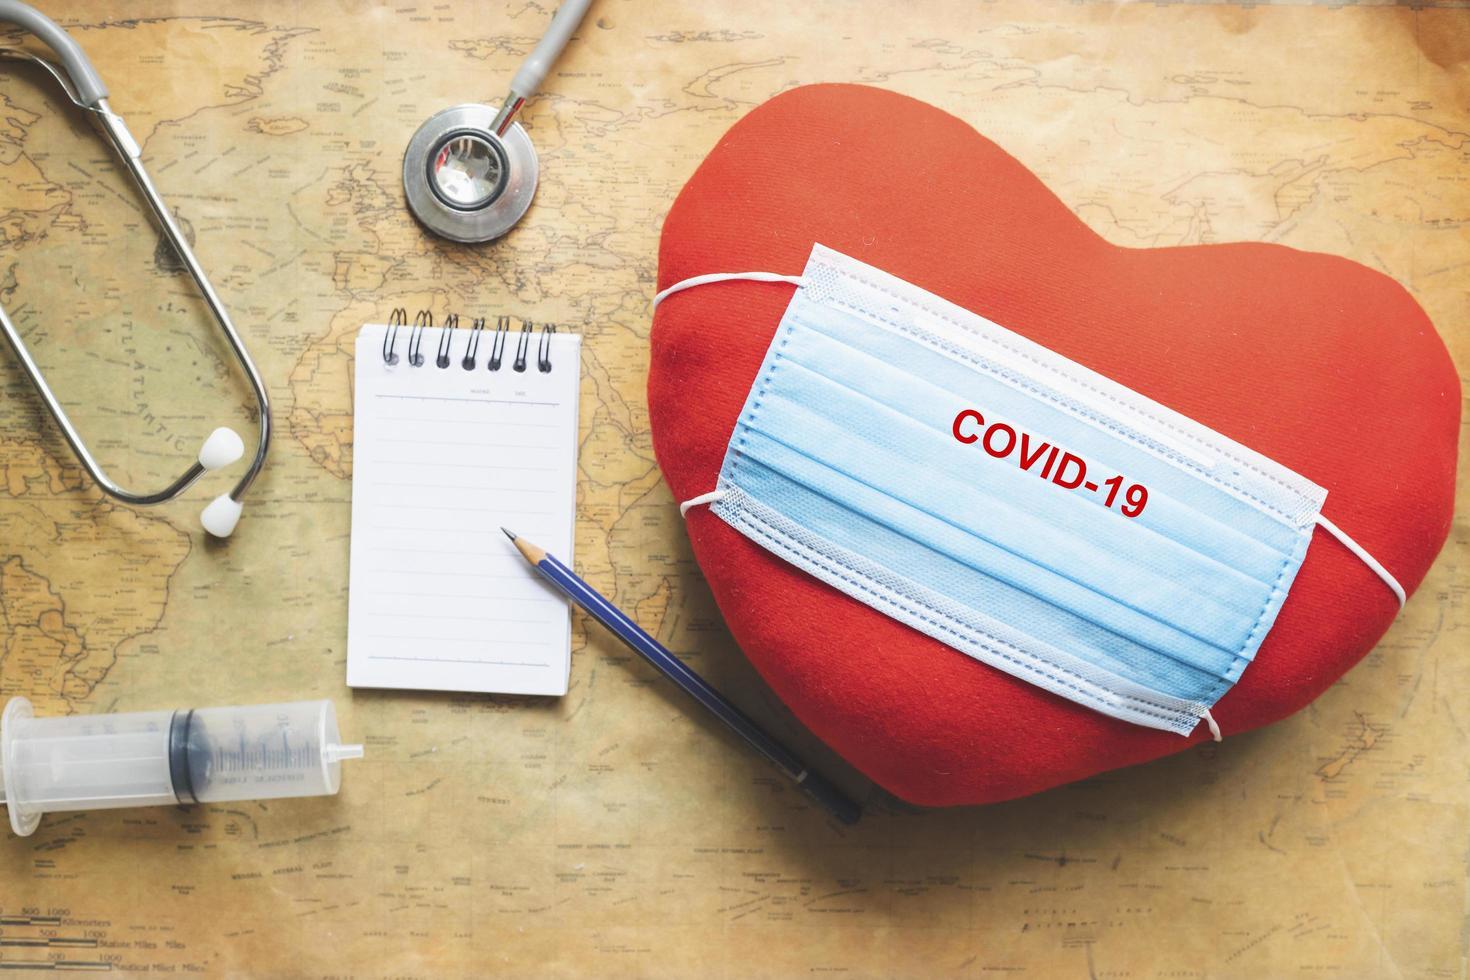 Covid-19-Maske und rotes Herz foto